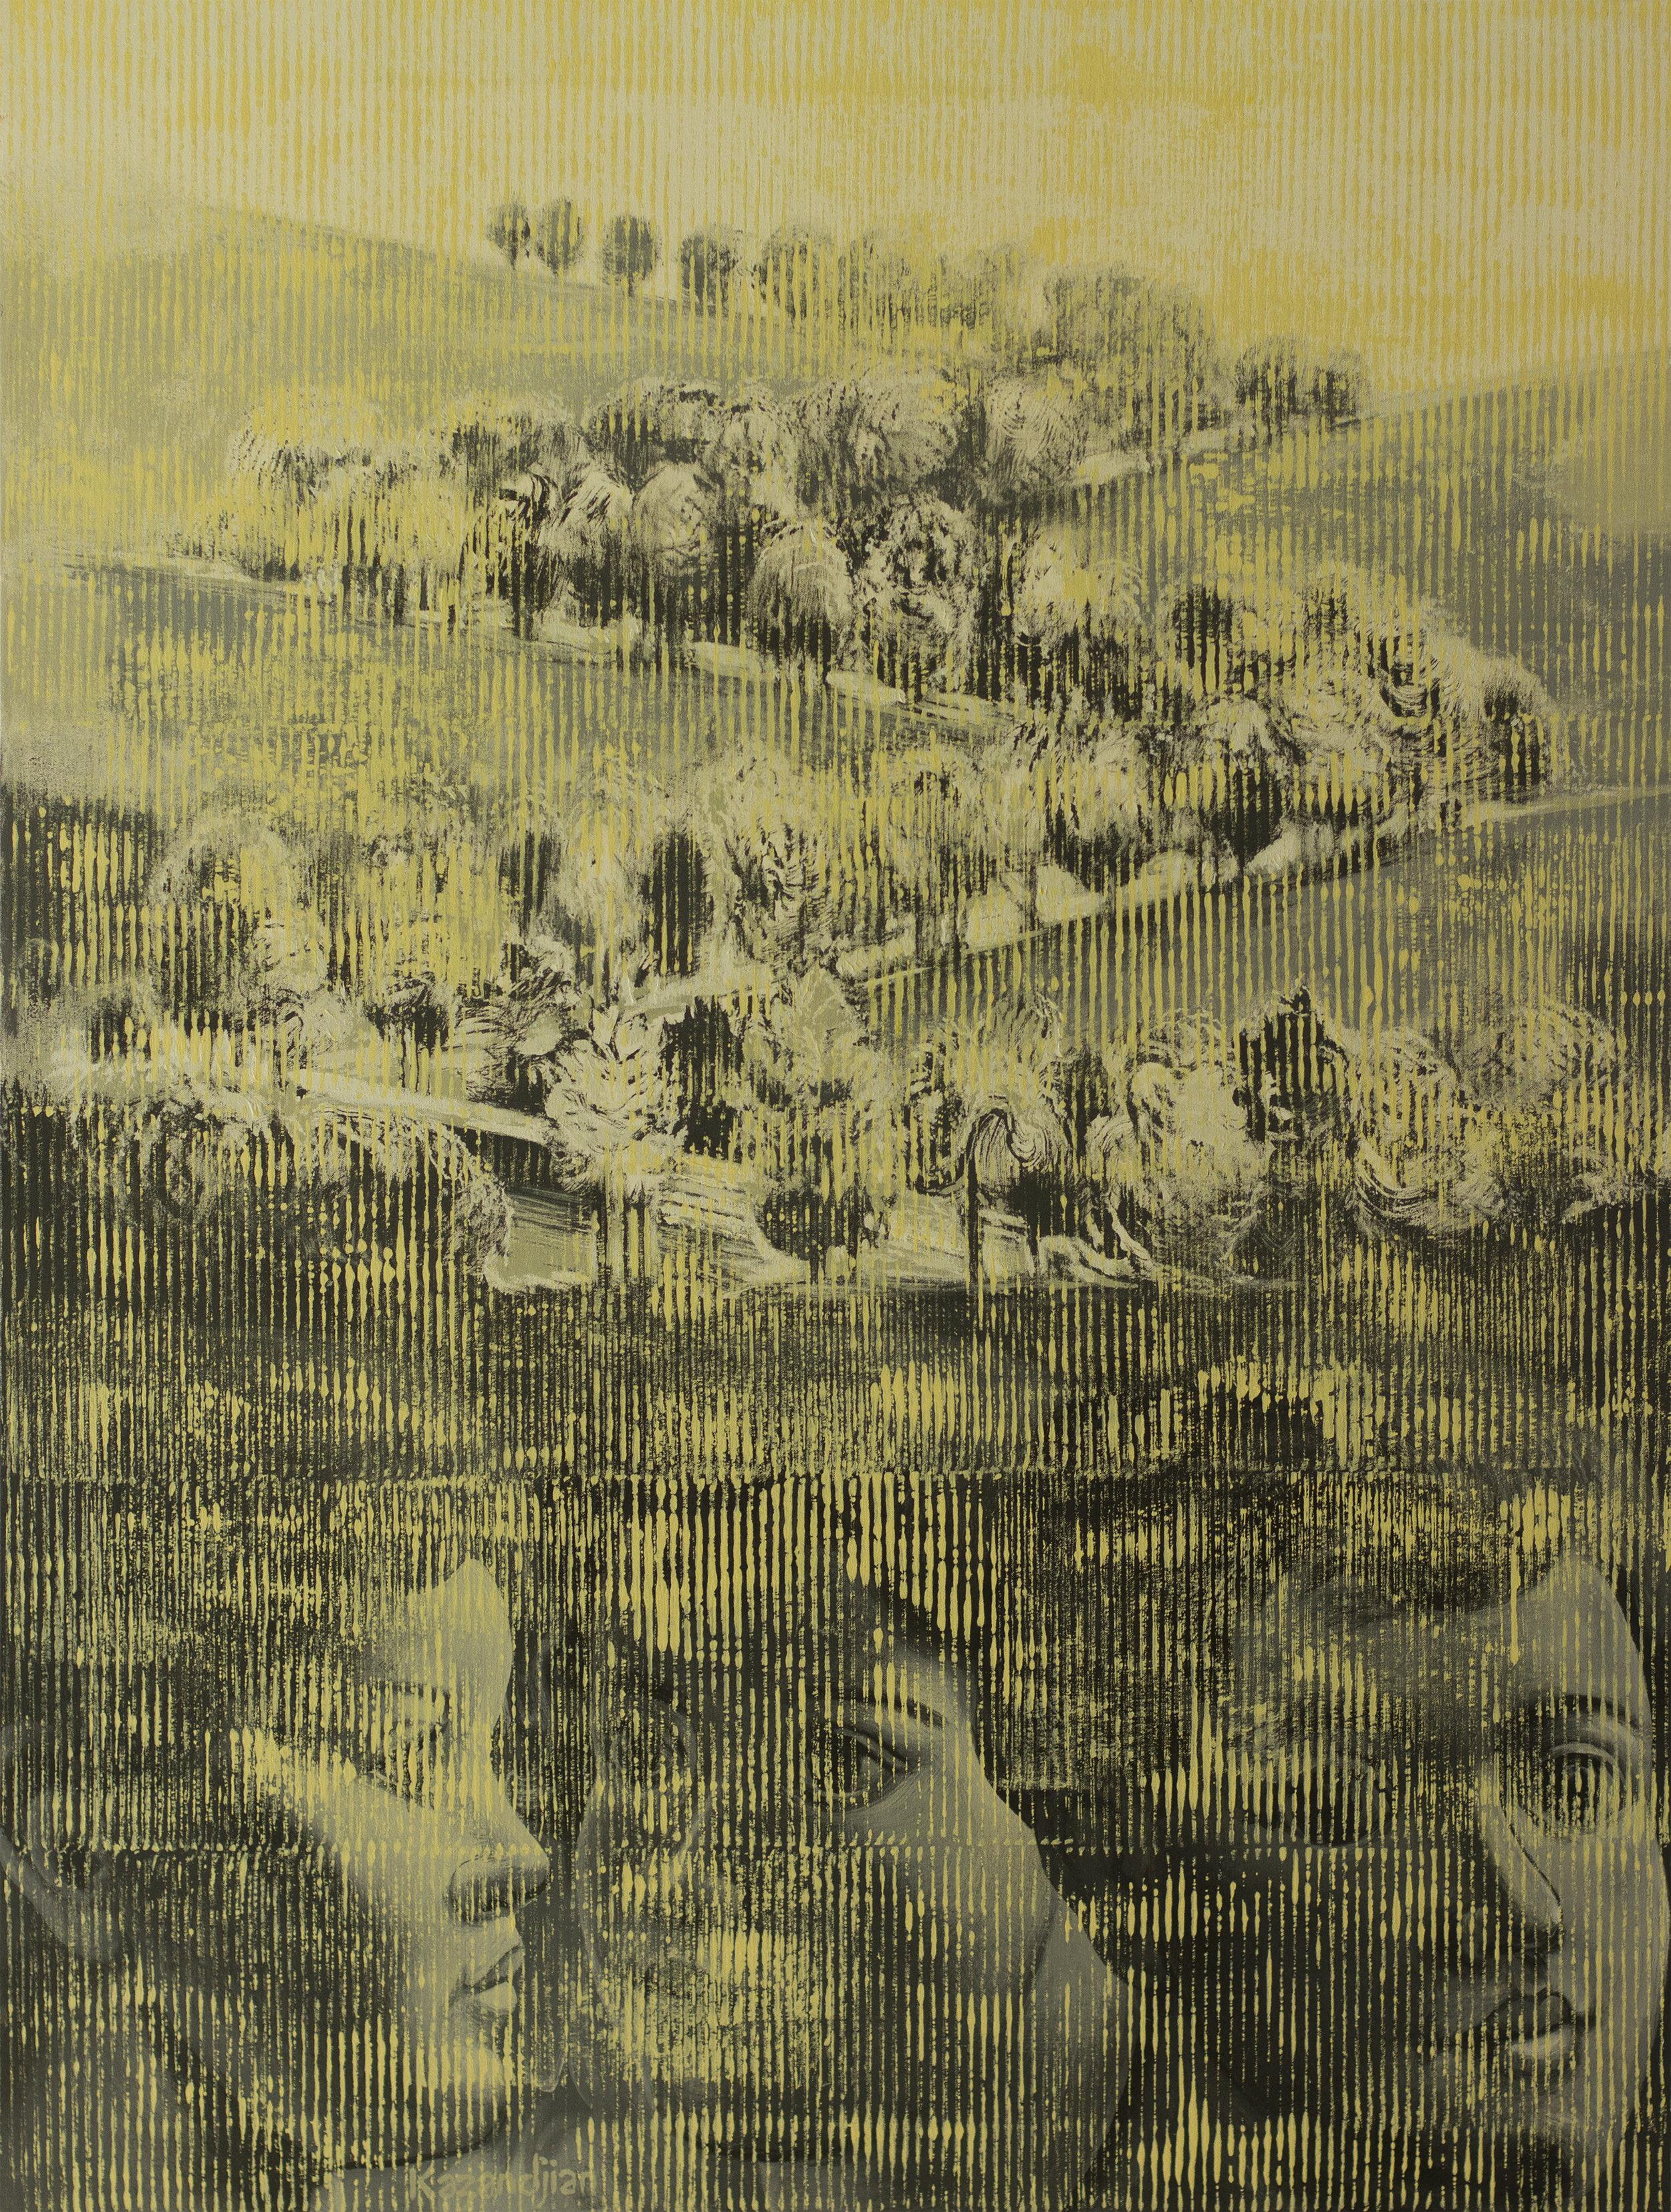 trees slits 2.jpg